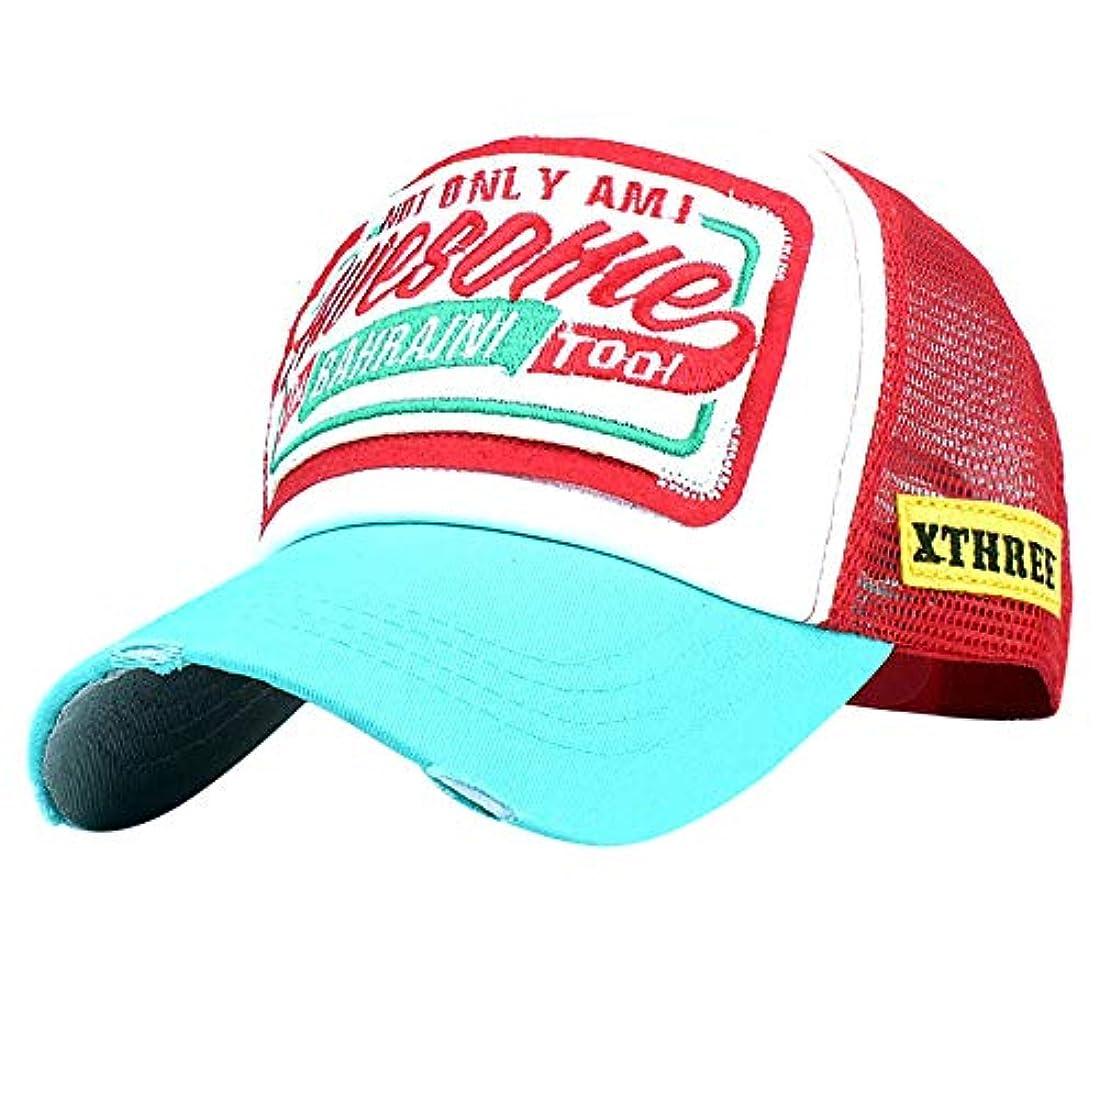 合理化祭司雑多なRacazing カモフラージュ 野球帽 ヒップホップ メンズ 夏 登山 帽子 迷彩 可調整可能 プラスベルベット 棒球帽 UV 帽子 UVカット軽量 屋外 Unisex 鸭舌帽 Hat Cap